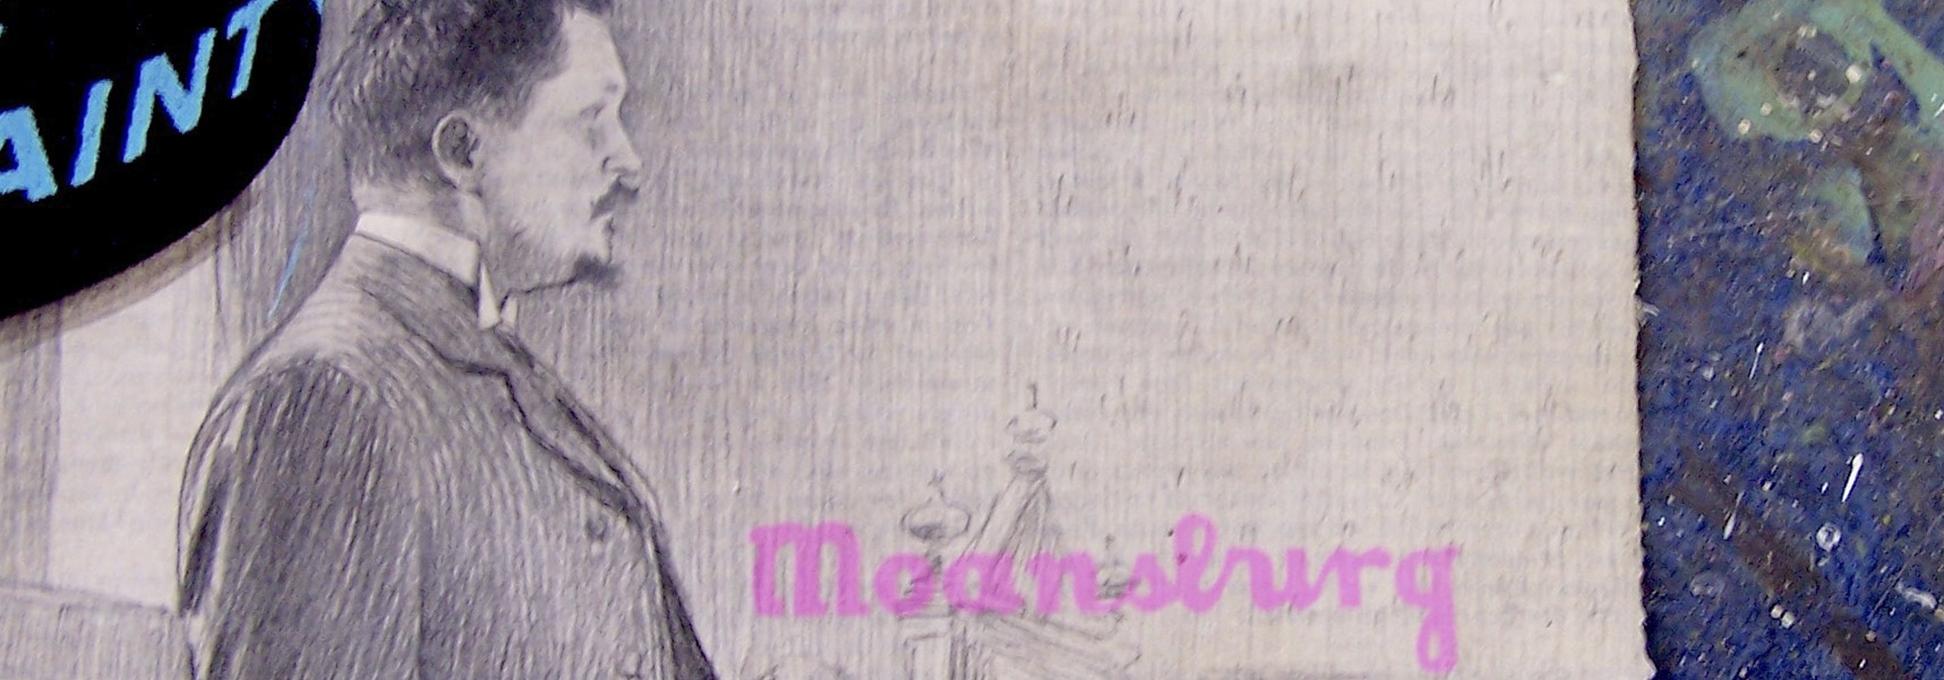 Moansburg_Artical_banner